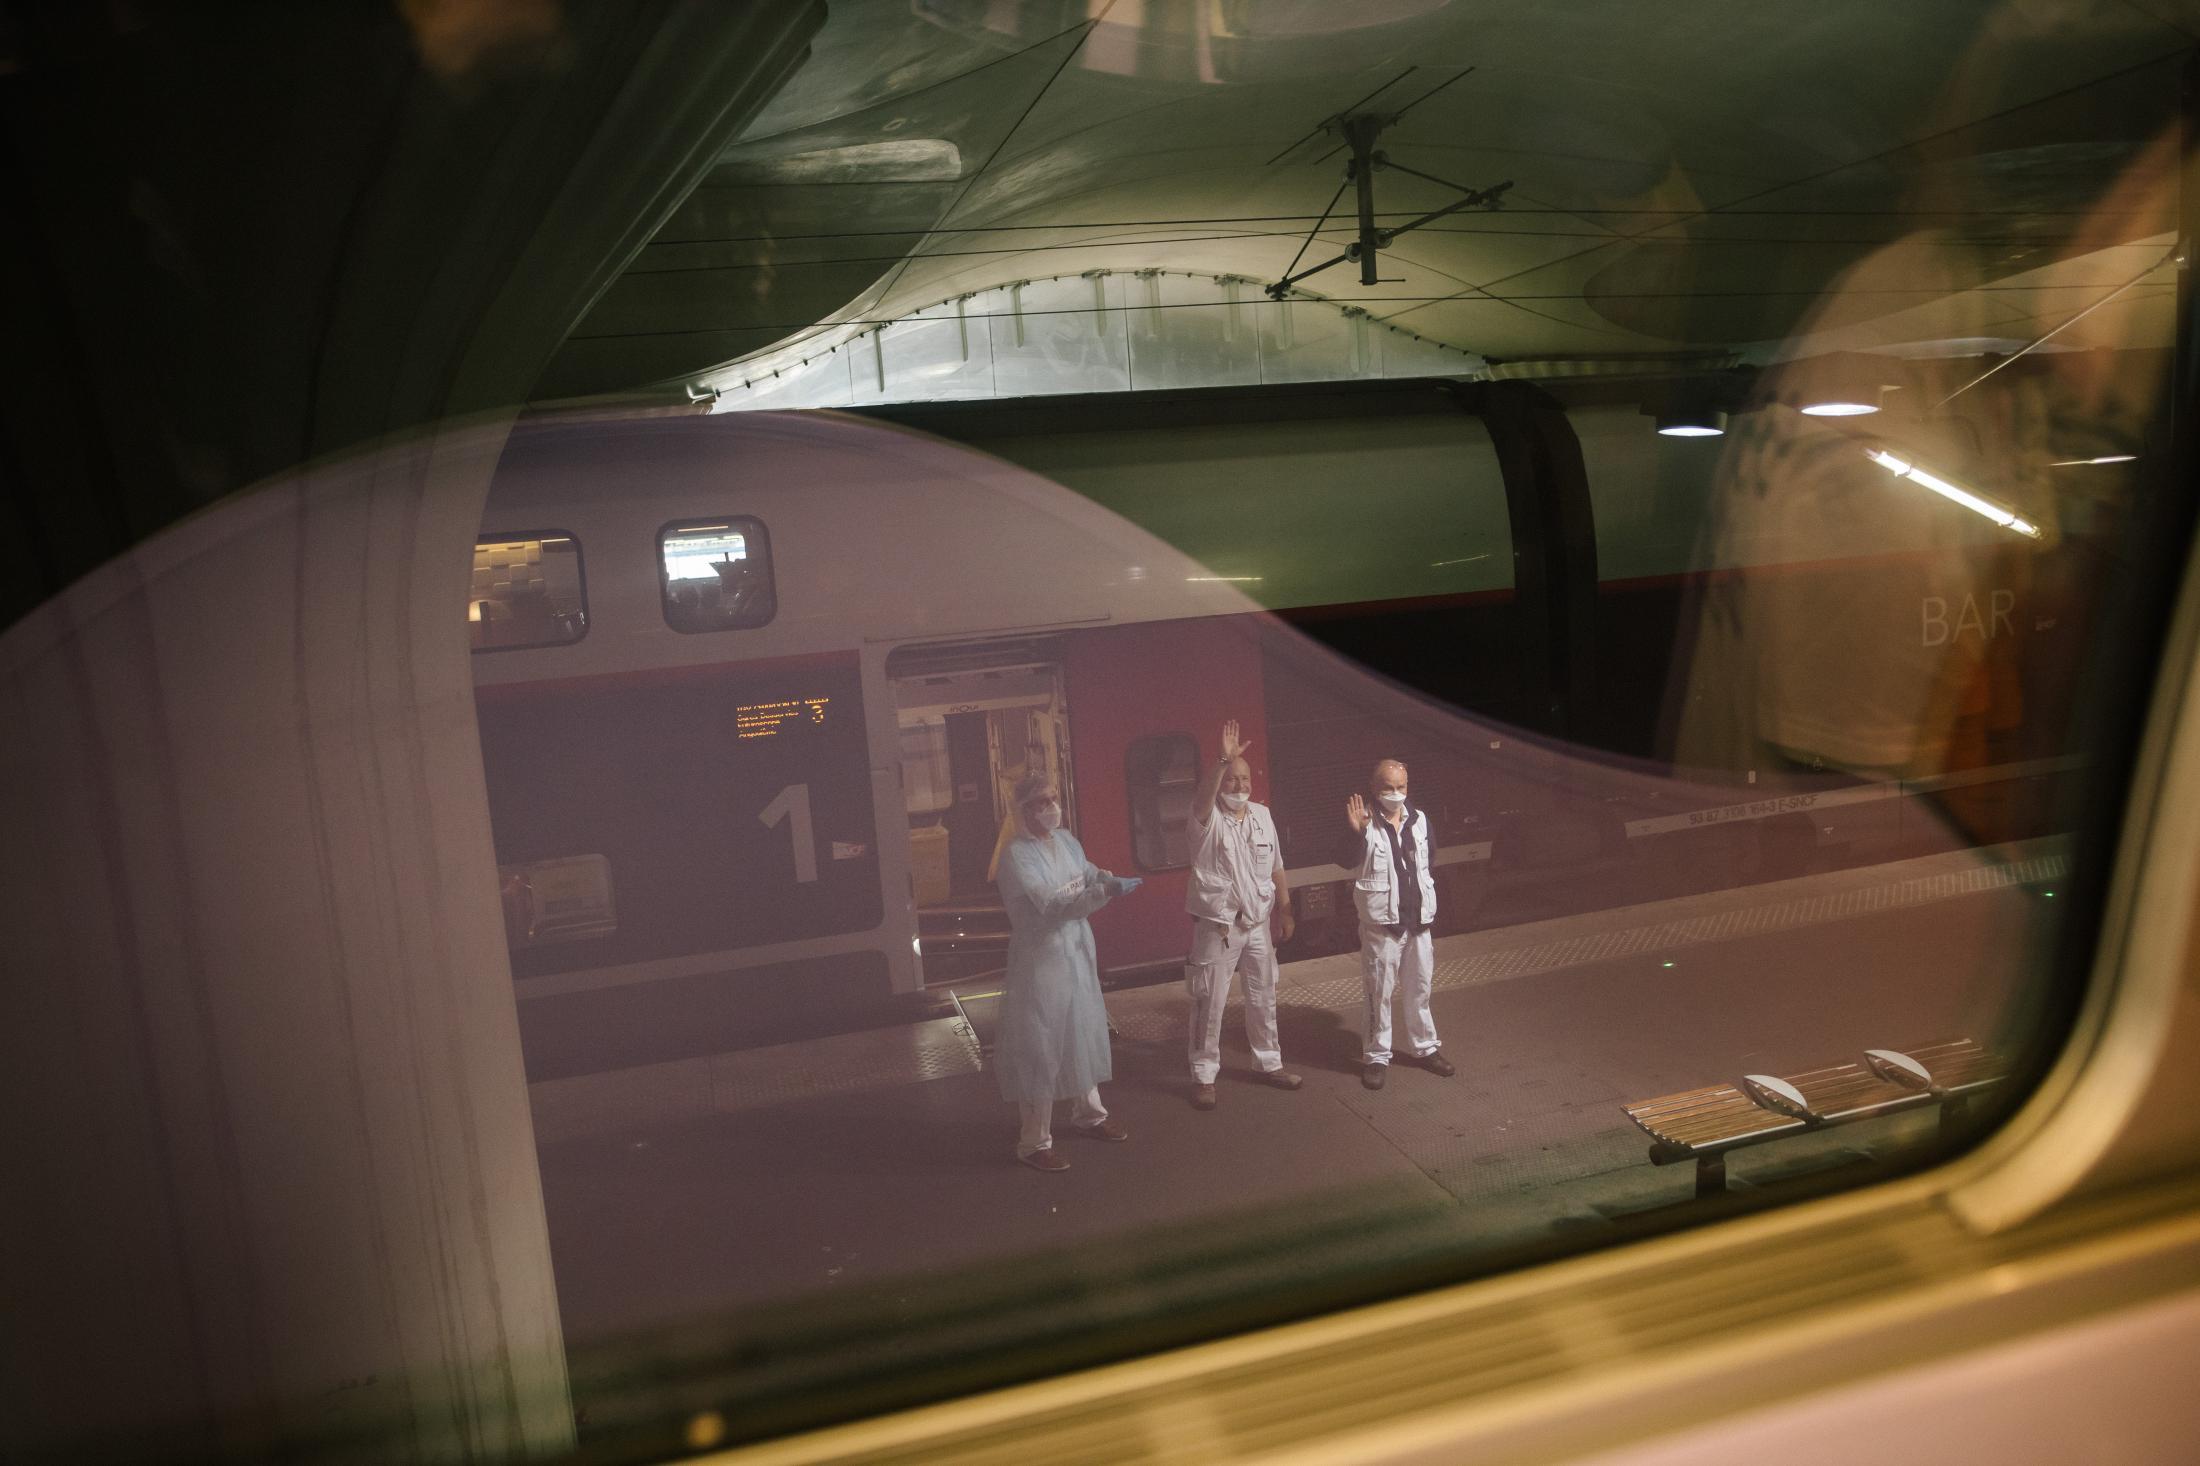 Paris. Gare d'Austelitz. Opération Chardon. Le 10 avril 2020. En tout, 45 victimes du Covid_19 de toute l'île de France, vont etre transferées dans deux TGV en direction de Bordeaux et de Poitiers. L'objectif est de désengorger les hopitaux d'ïle de France saturés de patients en réa à cause du covid-19. L'opération est coordonnée par le SAMU. ( Et la SNCF). Le train en direction de Bordeaux part.